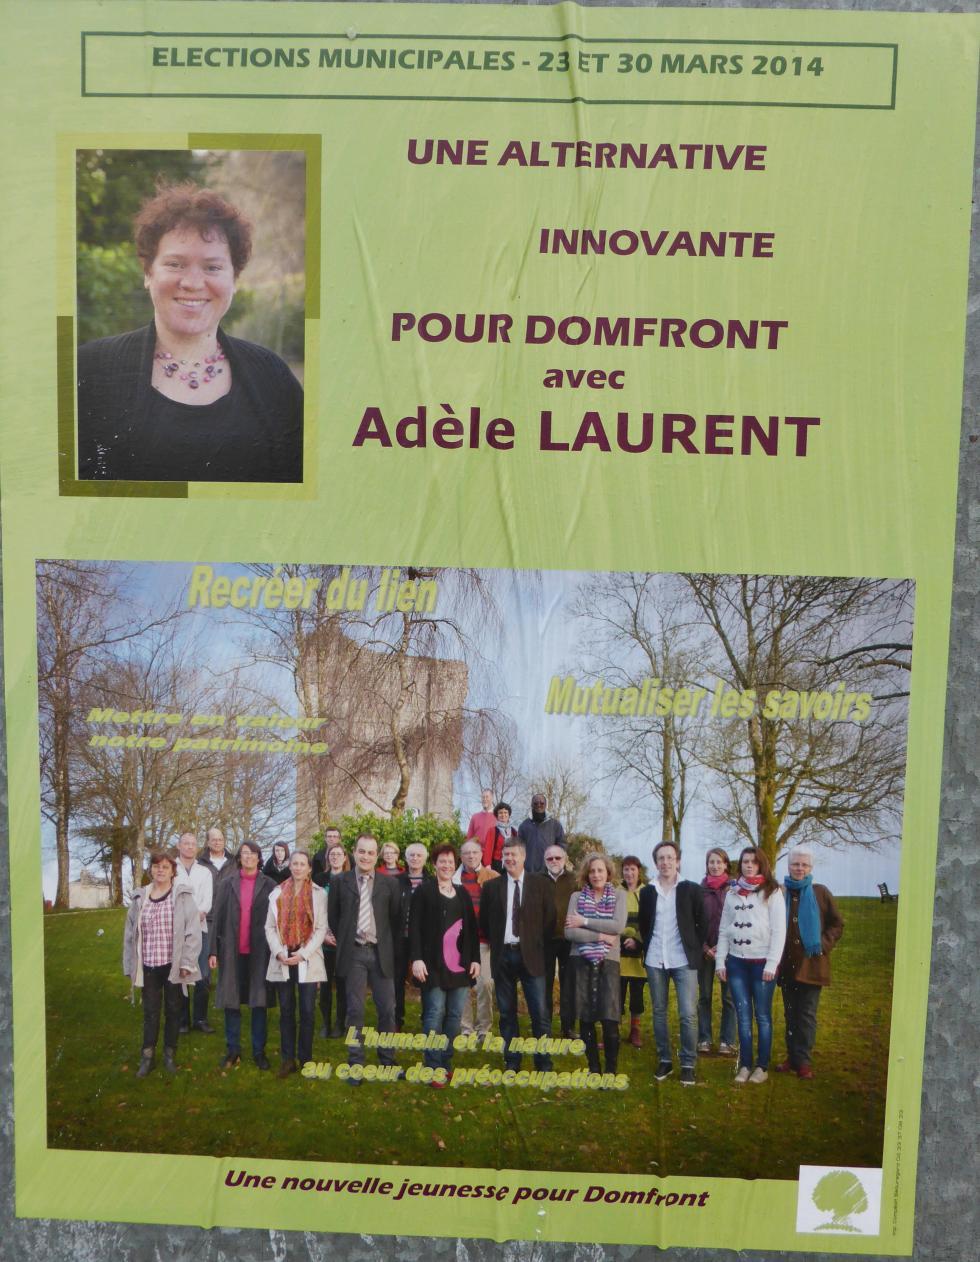 L'affiche électorale de la candidate Adèle LAURENT.